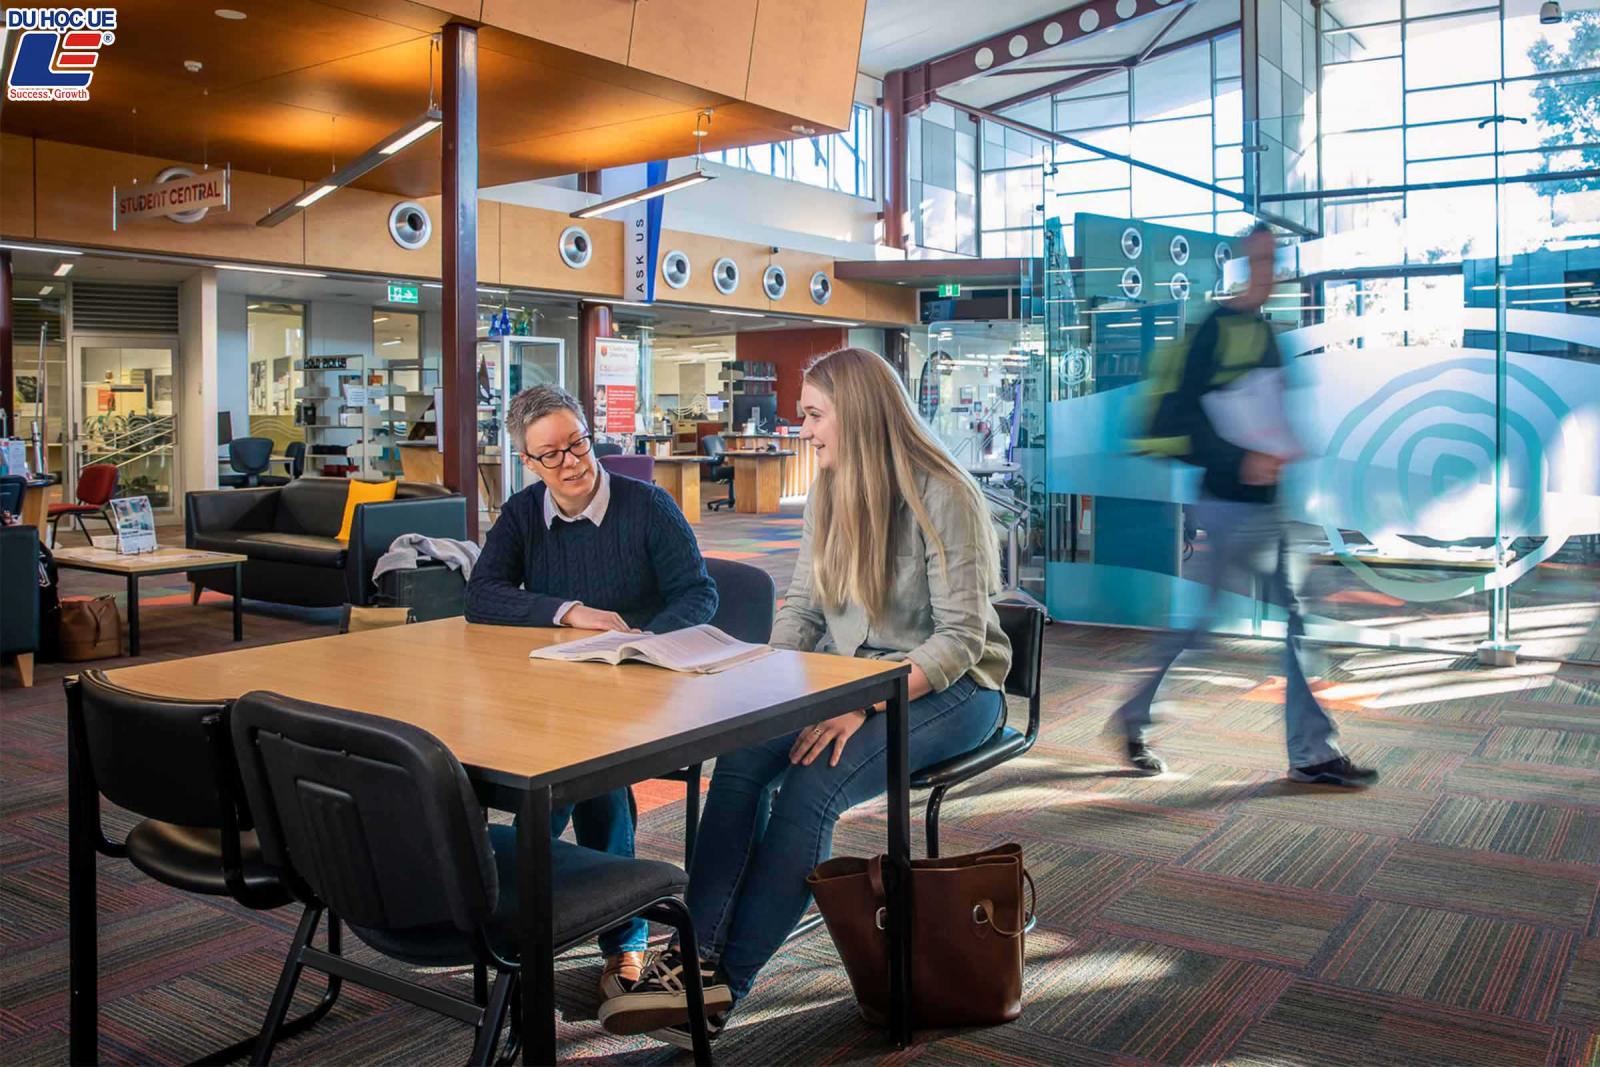 """Học bổng Charles Sturt University (CSU) - """"Ai cũng xứng đáng được tiếp cận với nền giáo dục đại học"""" 3"""